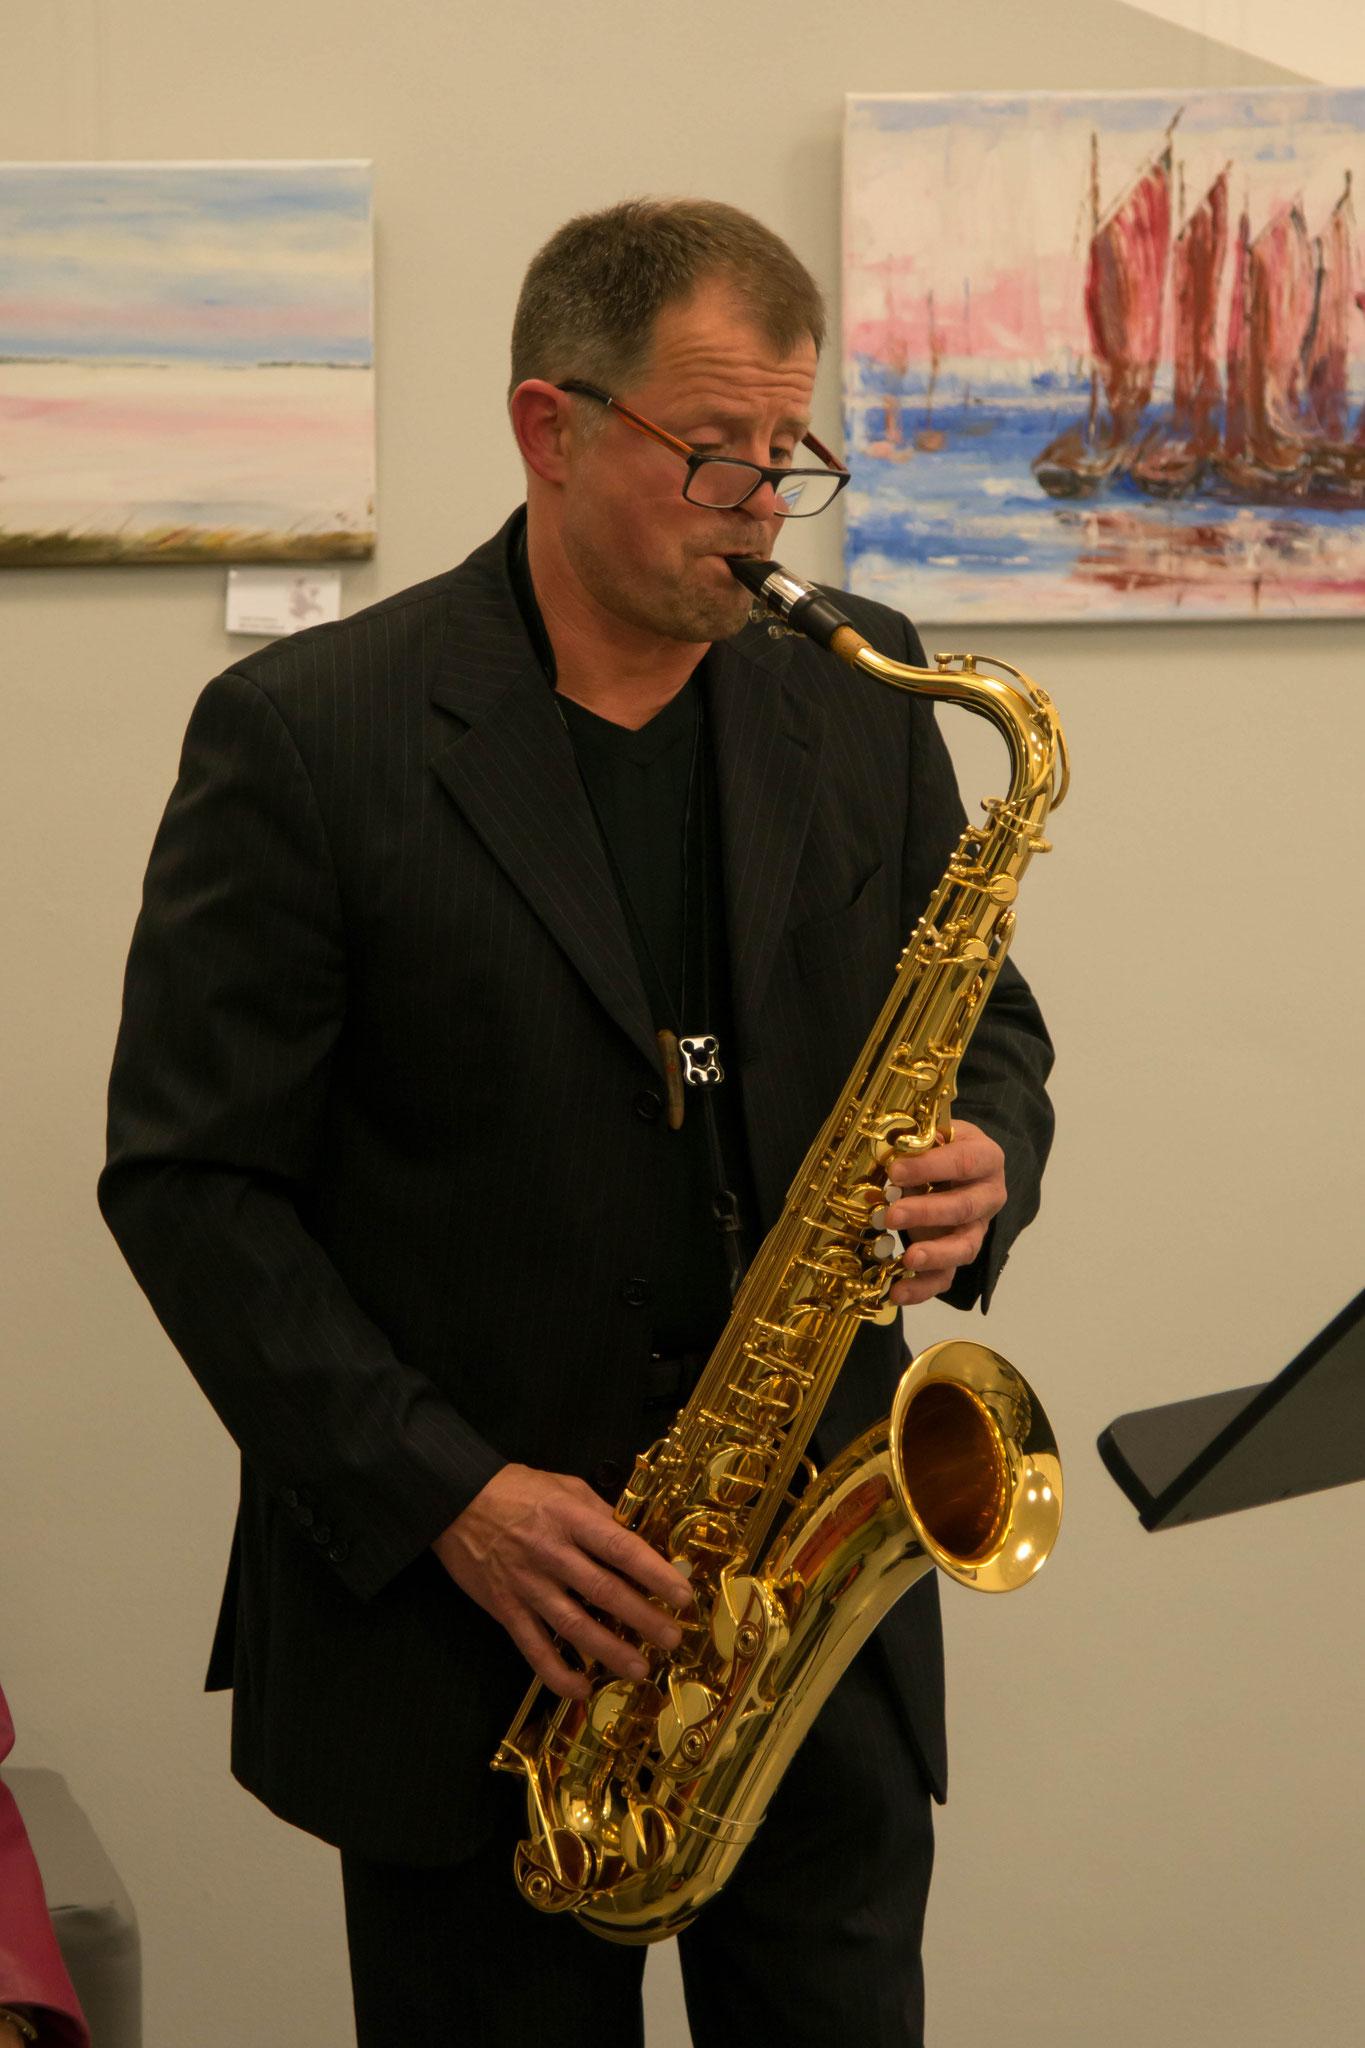 11. September 3. Rügener Klangwoche Saxophon Soiree mit Wolfgang Zimmerling, Rügen, Ernst-Moritz-Arnd-Museum Garz / Rügen